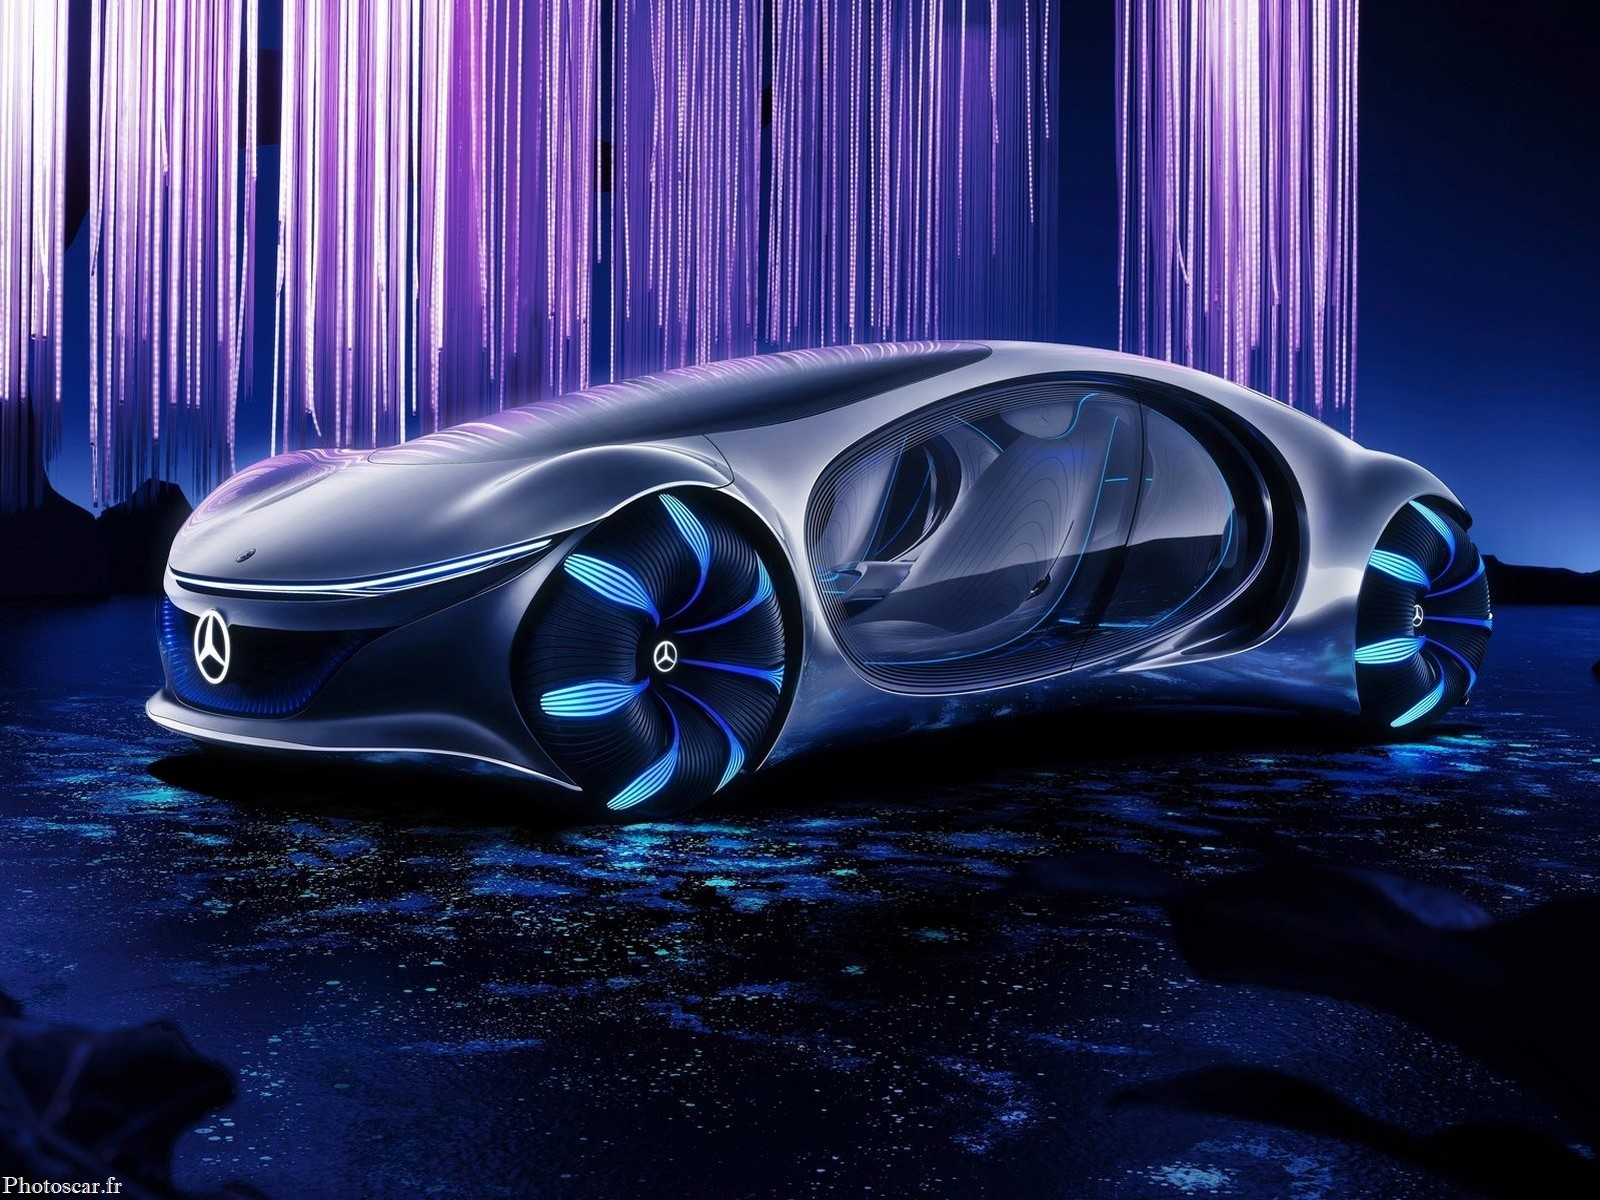 Mercedes Benz Vision Avtr Concept 2020